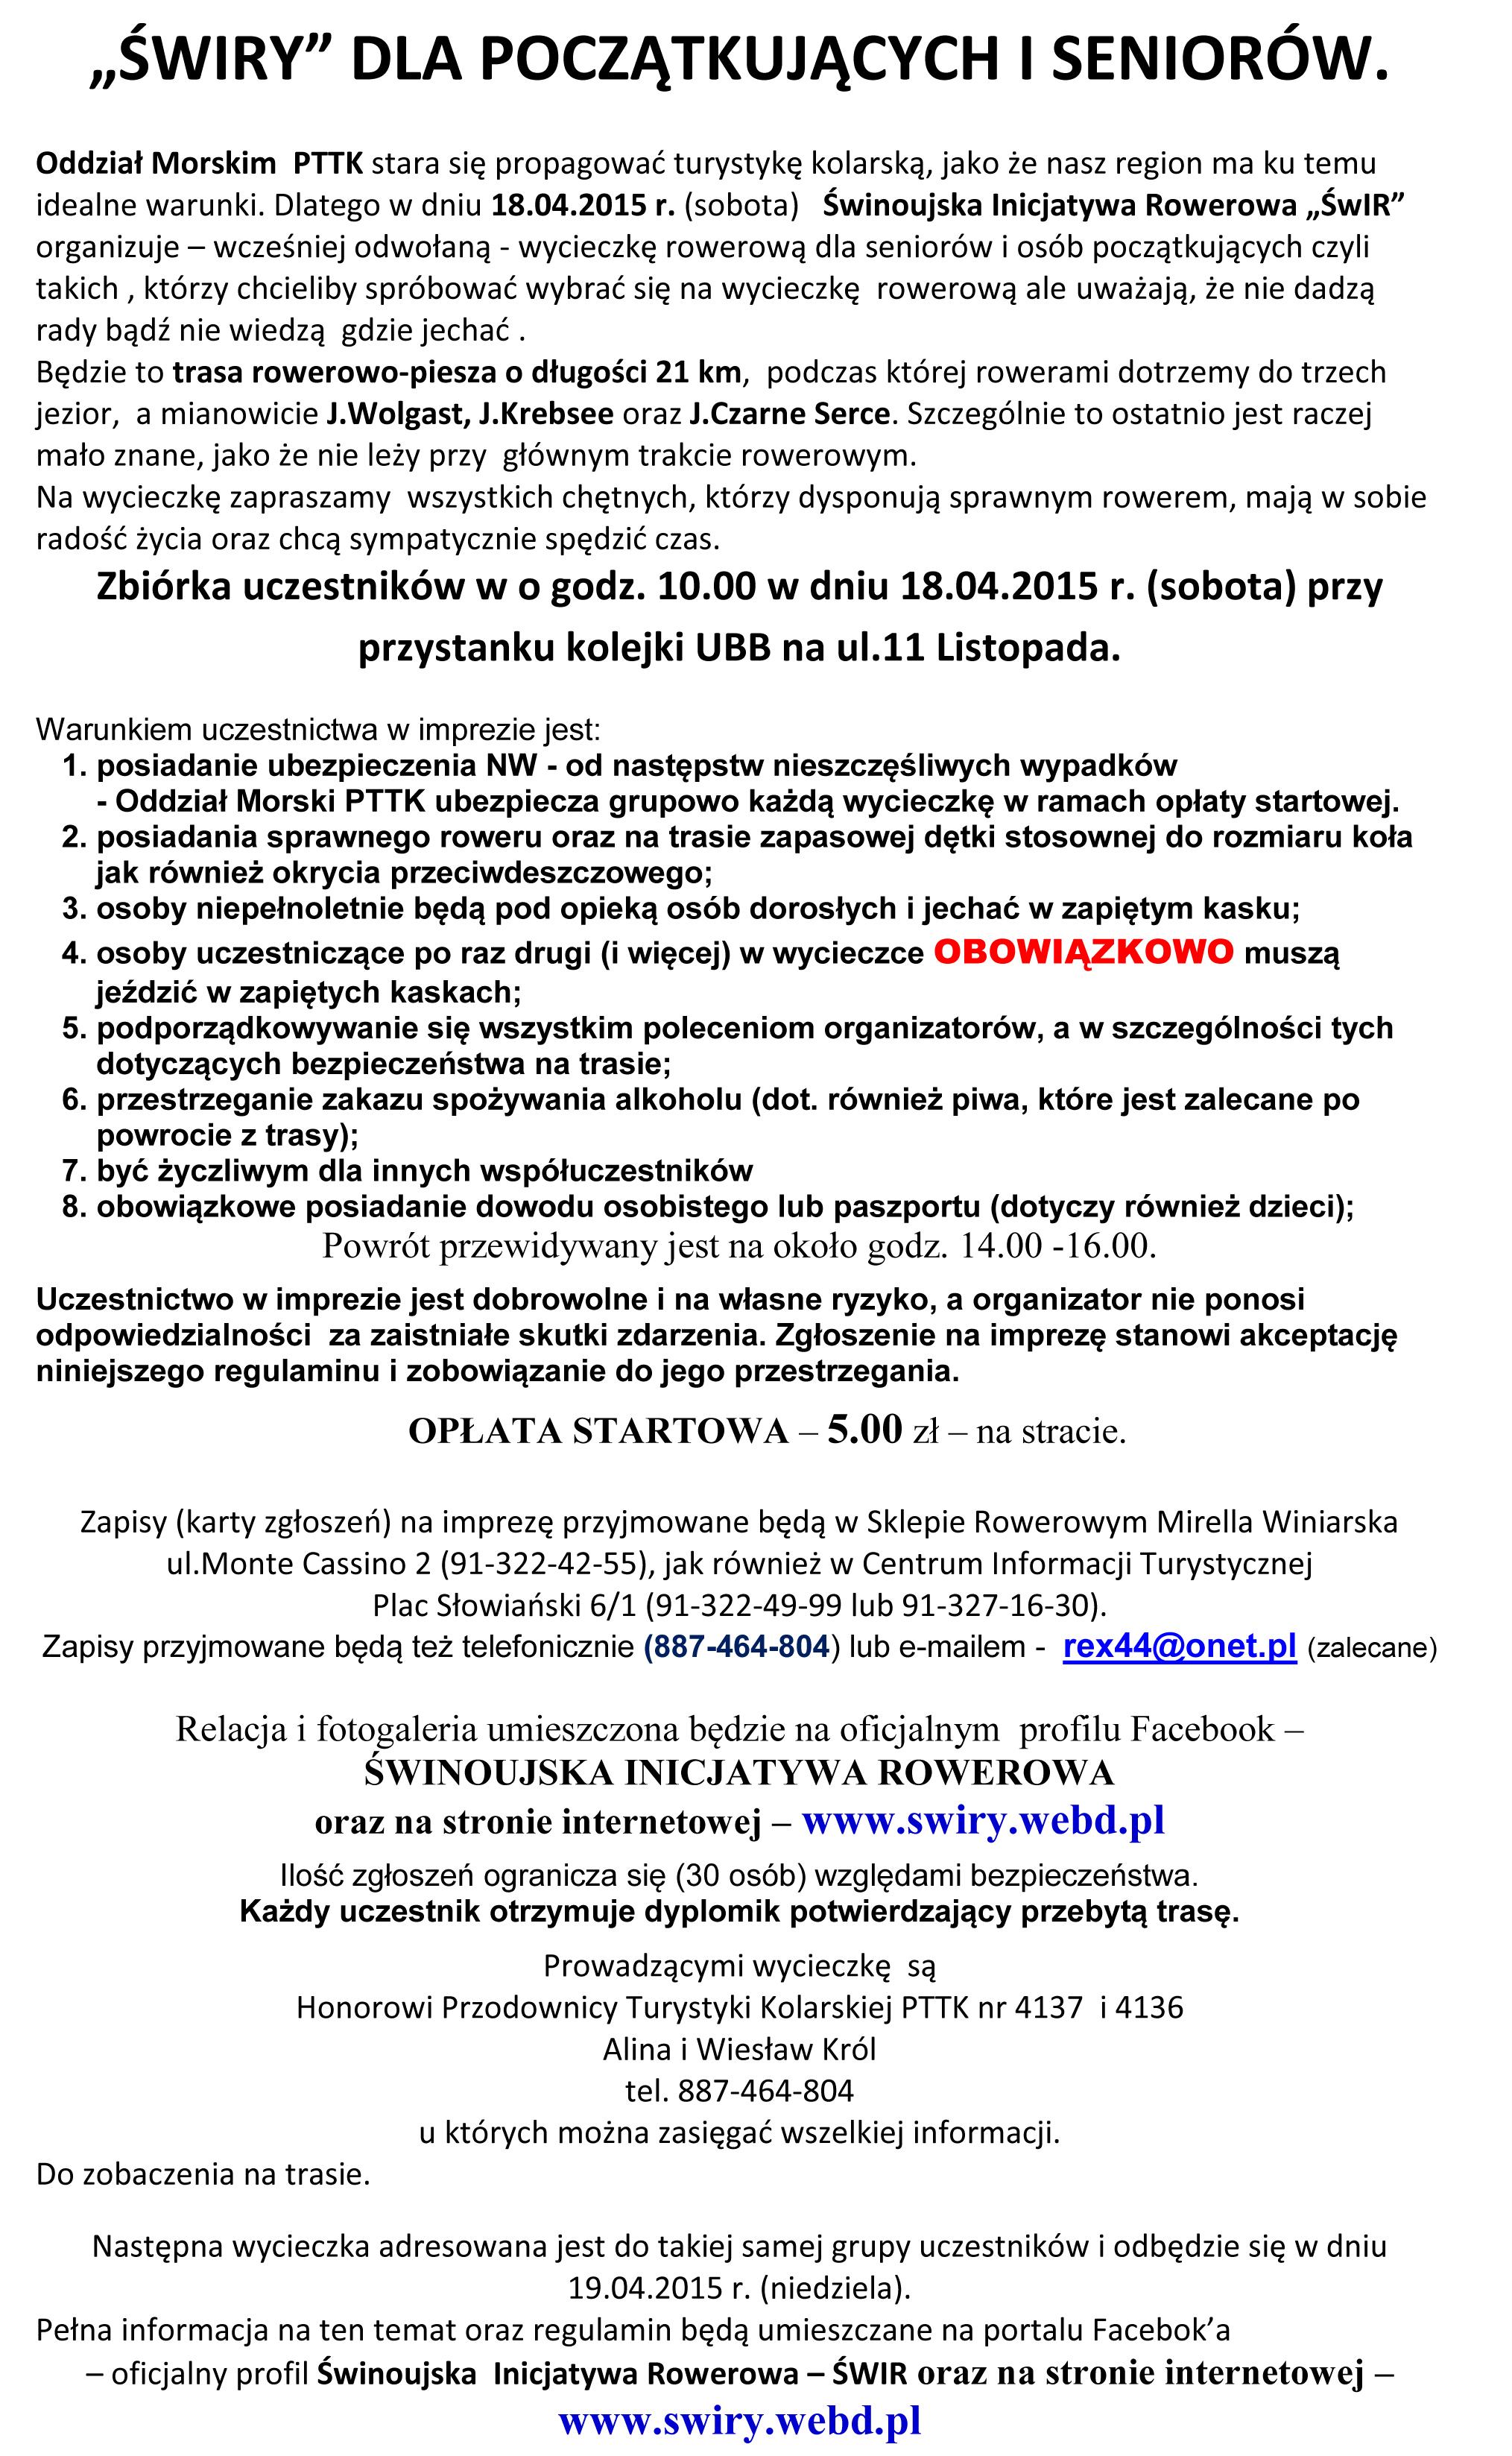 2015.04.18 - REGULAMIN - uczestnictwa - jpg